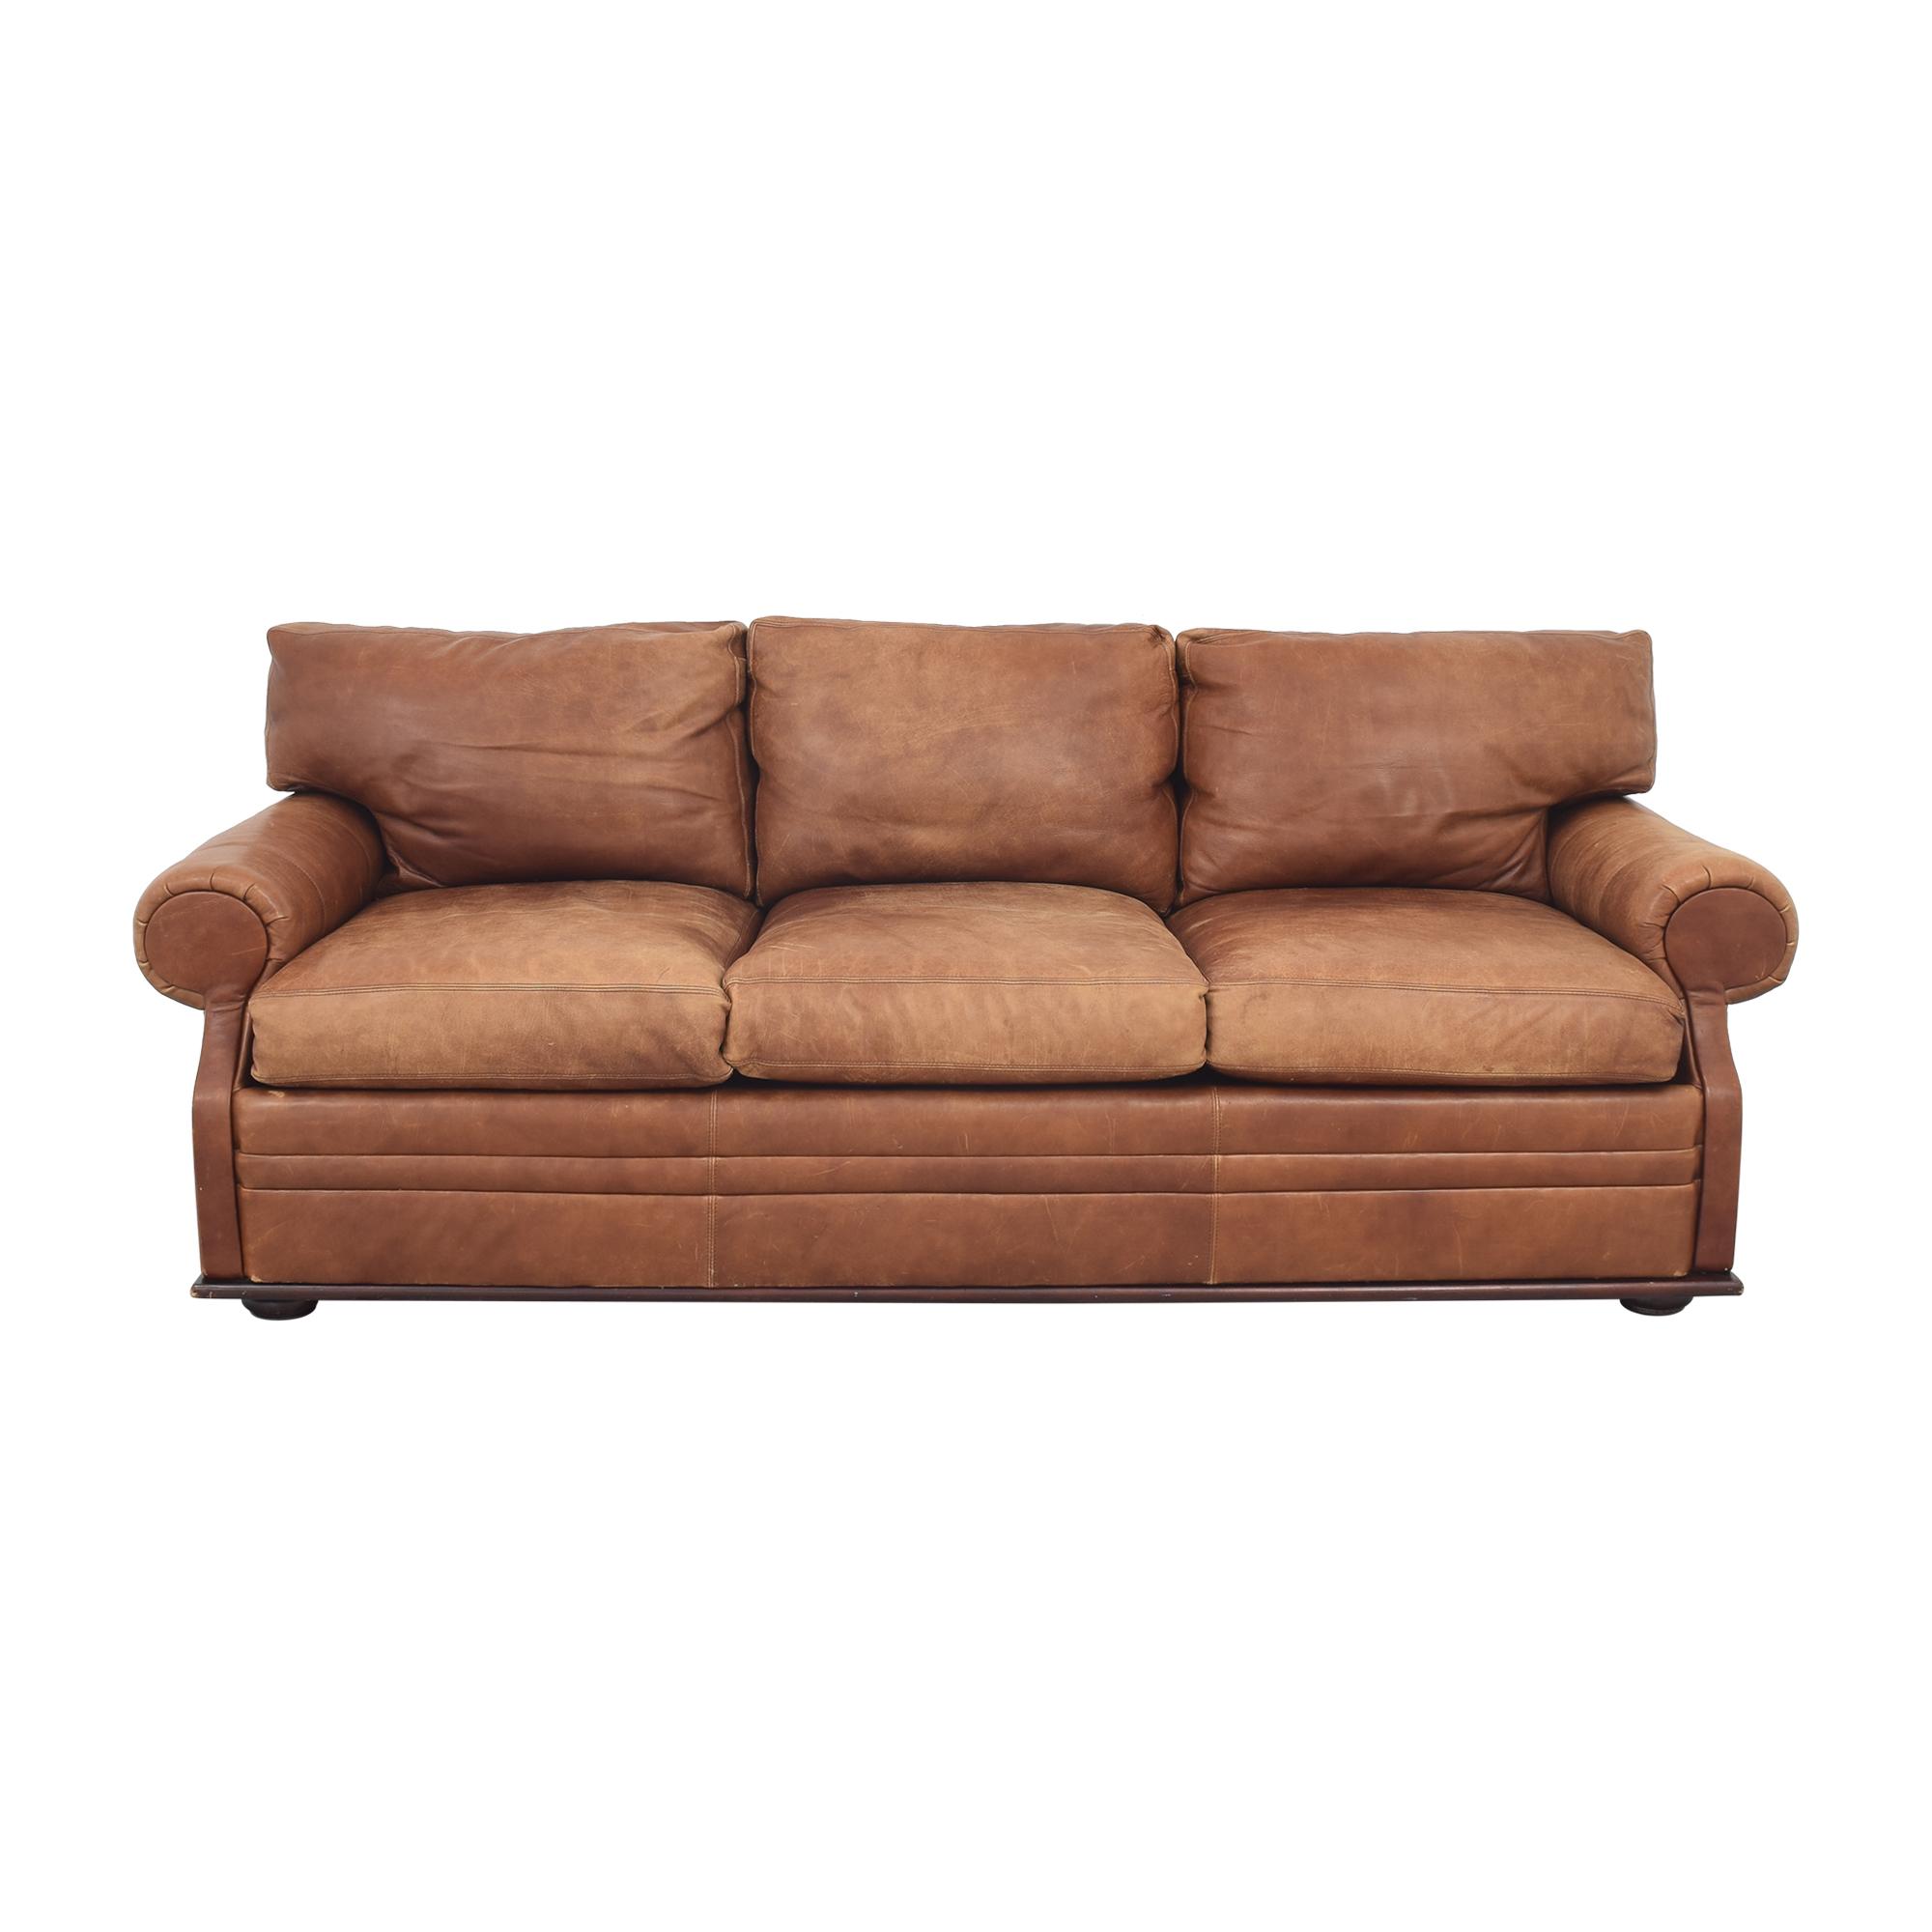 Ralph Lauren Home Ralph Lauren Three Seat Sofa ct